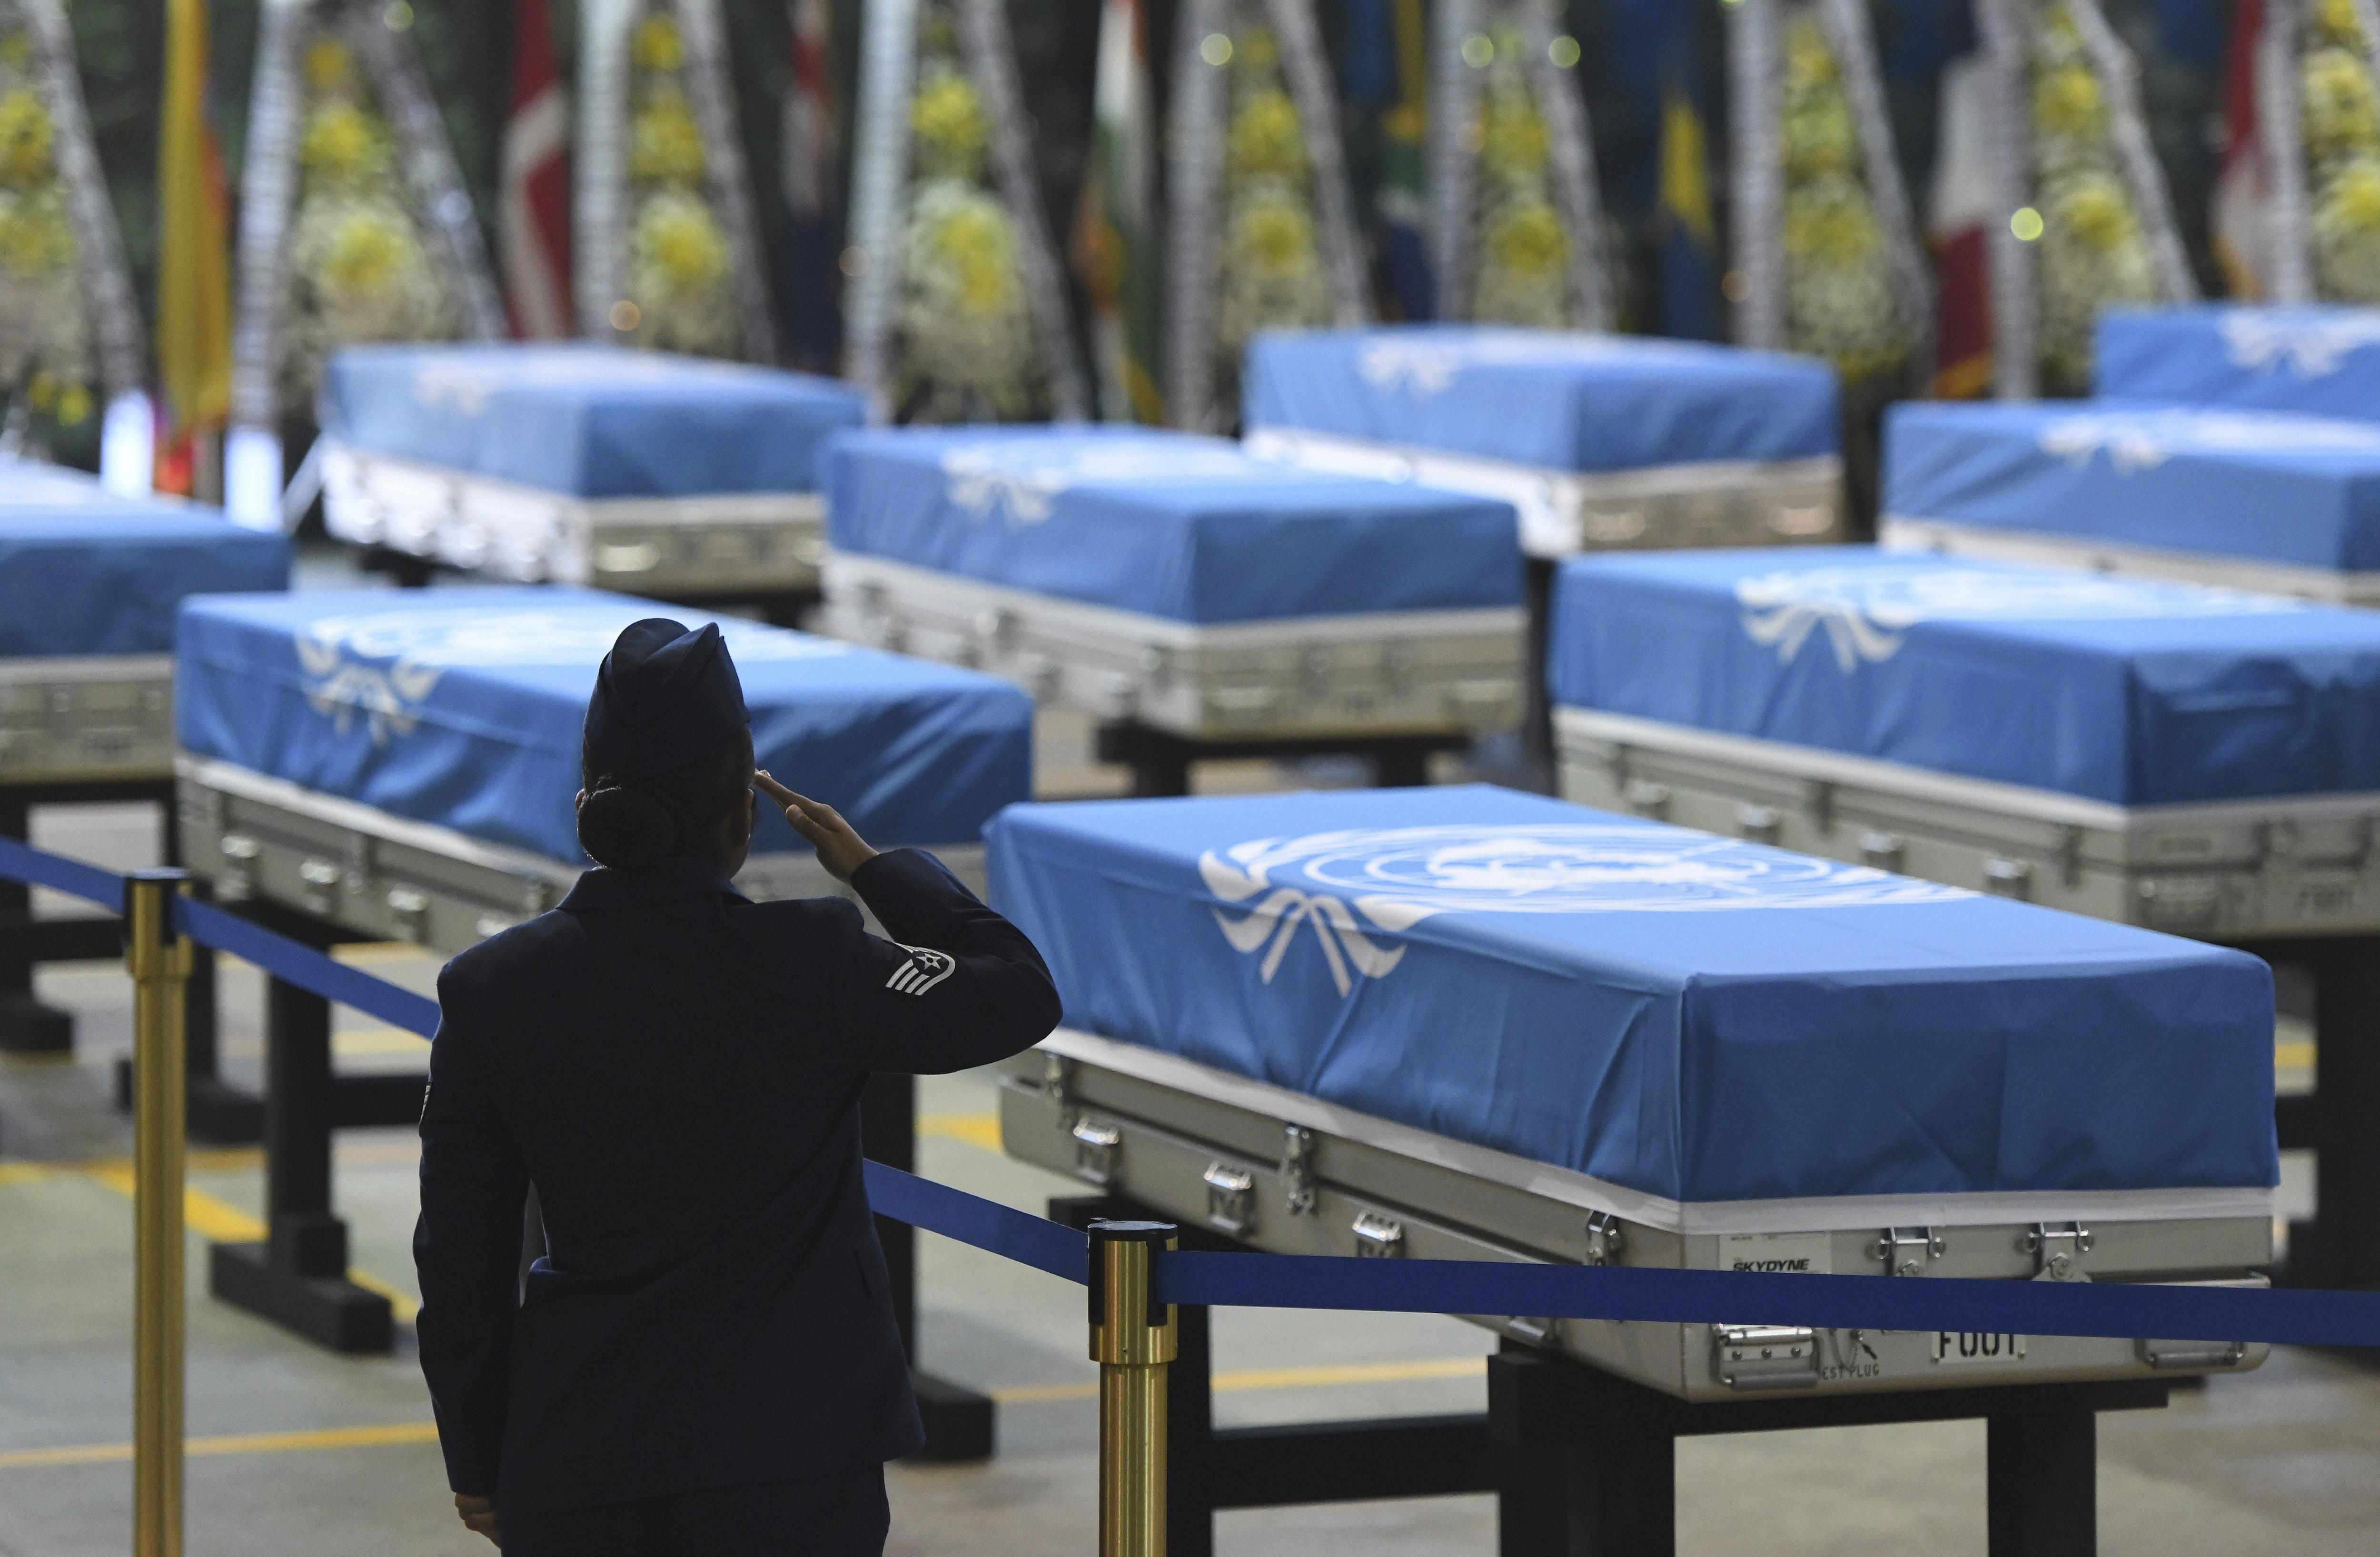 Los restos de soldados estadounidenses muertos durante la Guerra de Corea esperan en Corea del Sur para ser repatriados, luego de que fueran entregados por Corea del Norte (AP)